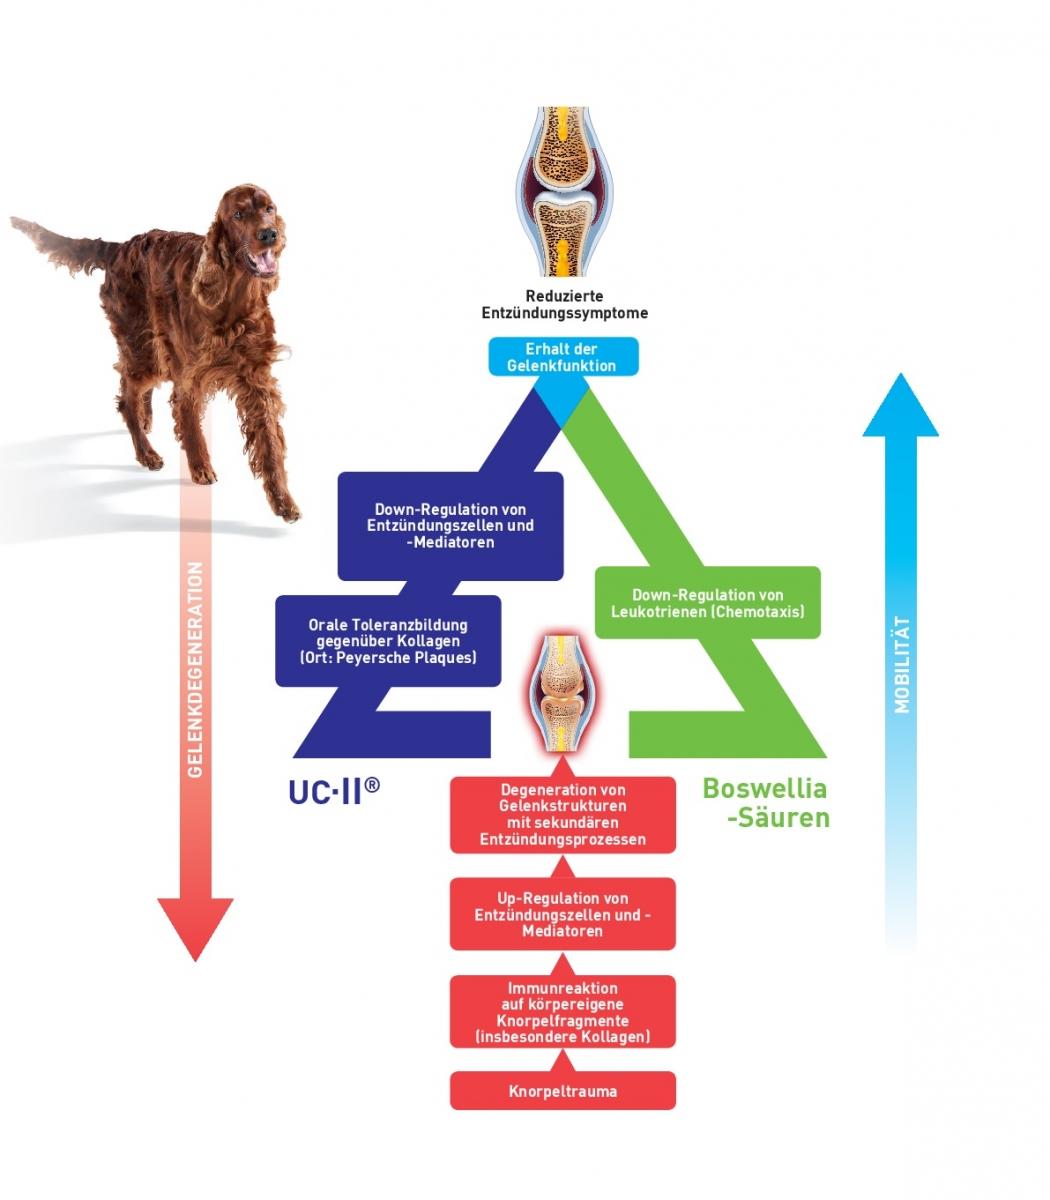 Neu von Vetoquinol: Flexadin® Advanced revolutioniert die begleitende Unterstützung bei Osteoarthrose